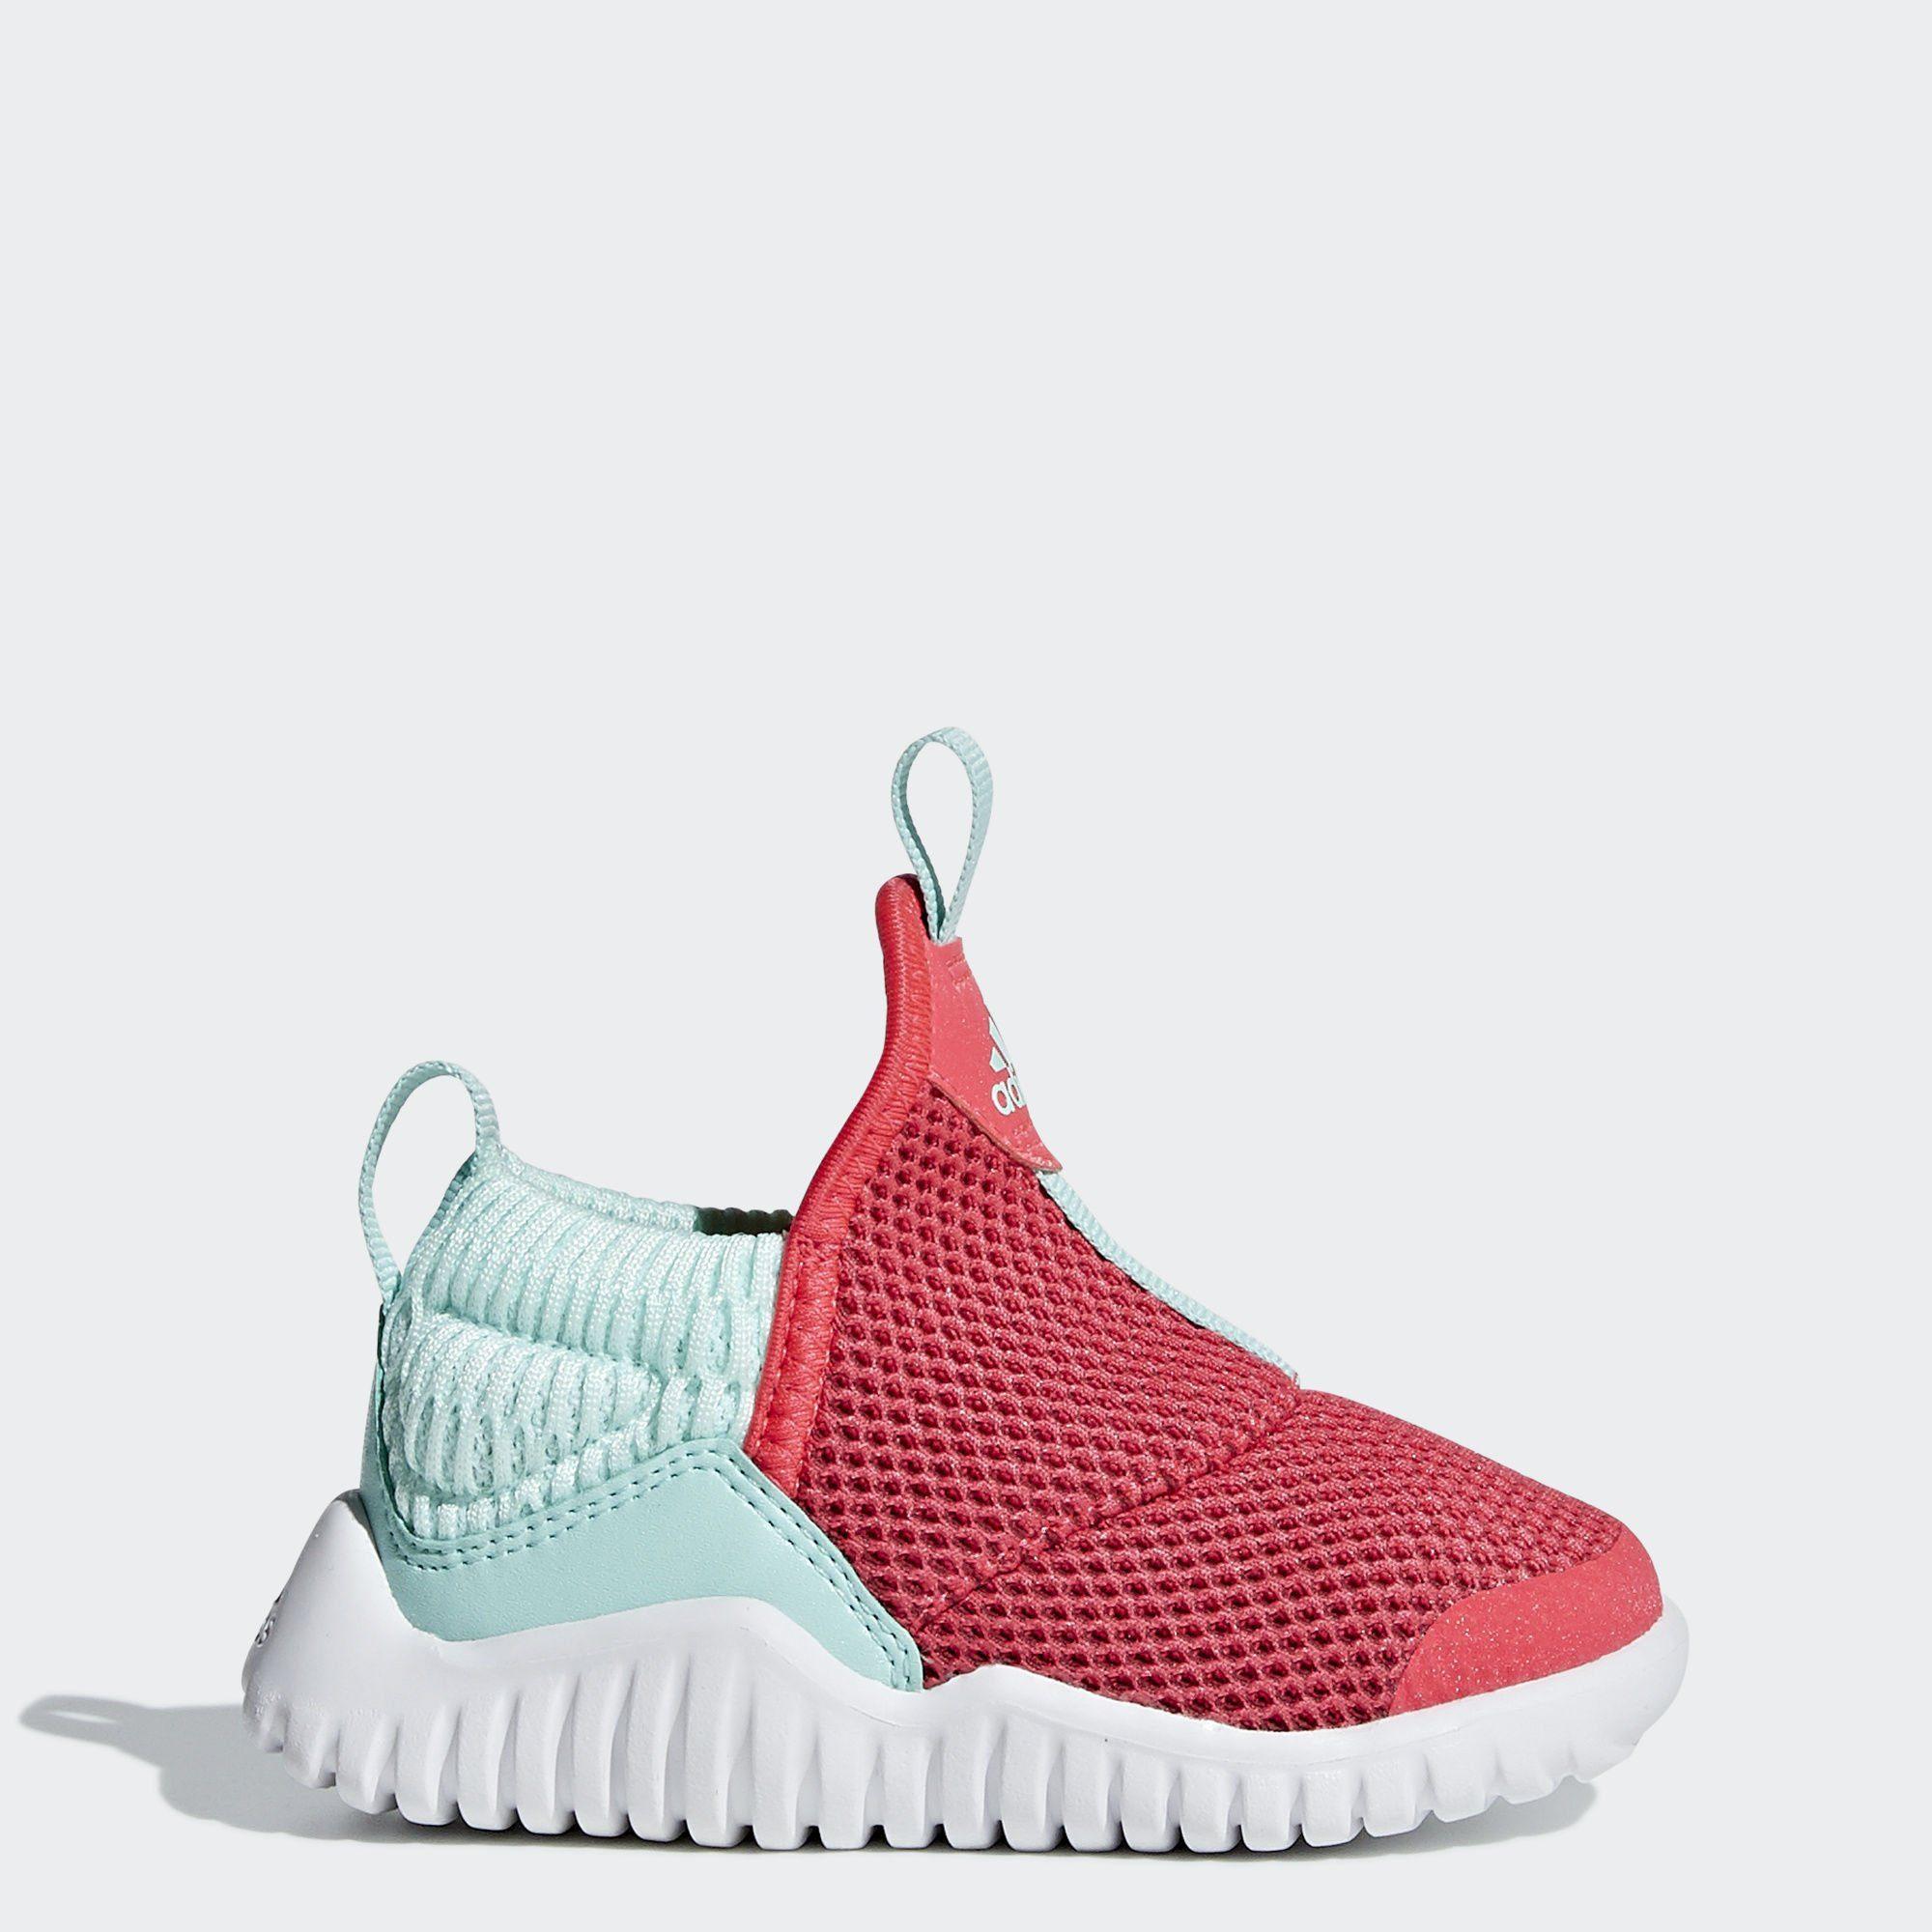 Babypuppen & Zubehör Puppe Schuhe 69 rot Schuhe mit großem Herz Design ws 25 RED Puppen & Zubehör